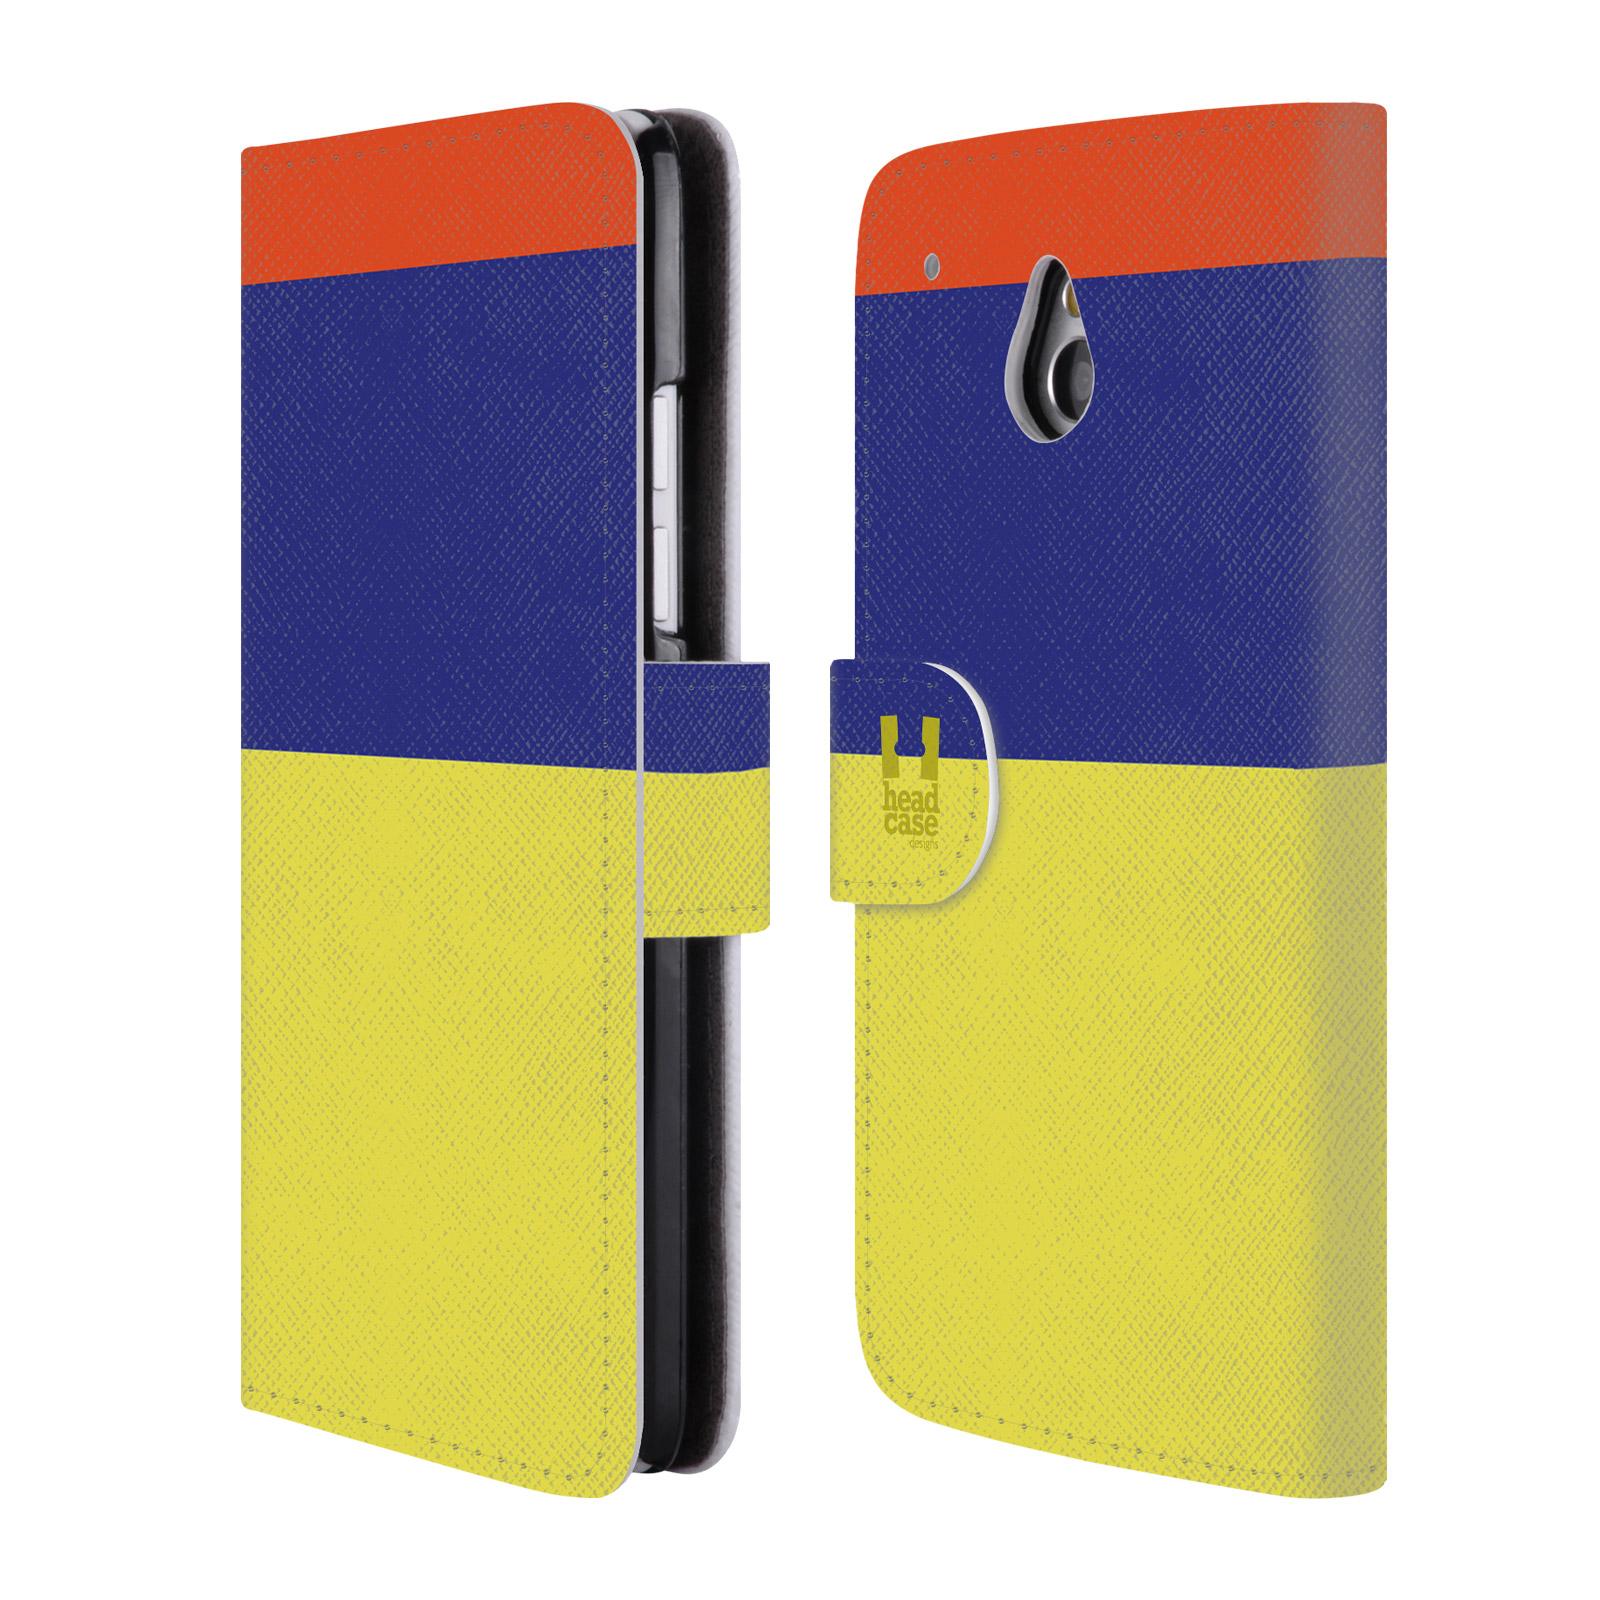 HEAD CASE Flipové pouzdro pro mobil HTC ONE MINI barevné tvary žlutá, modrá, červená